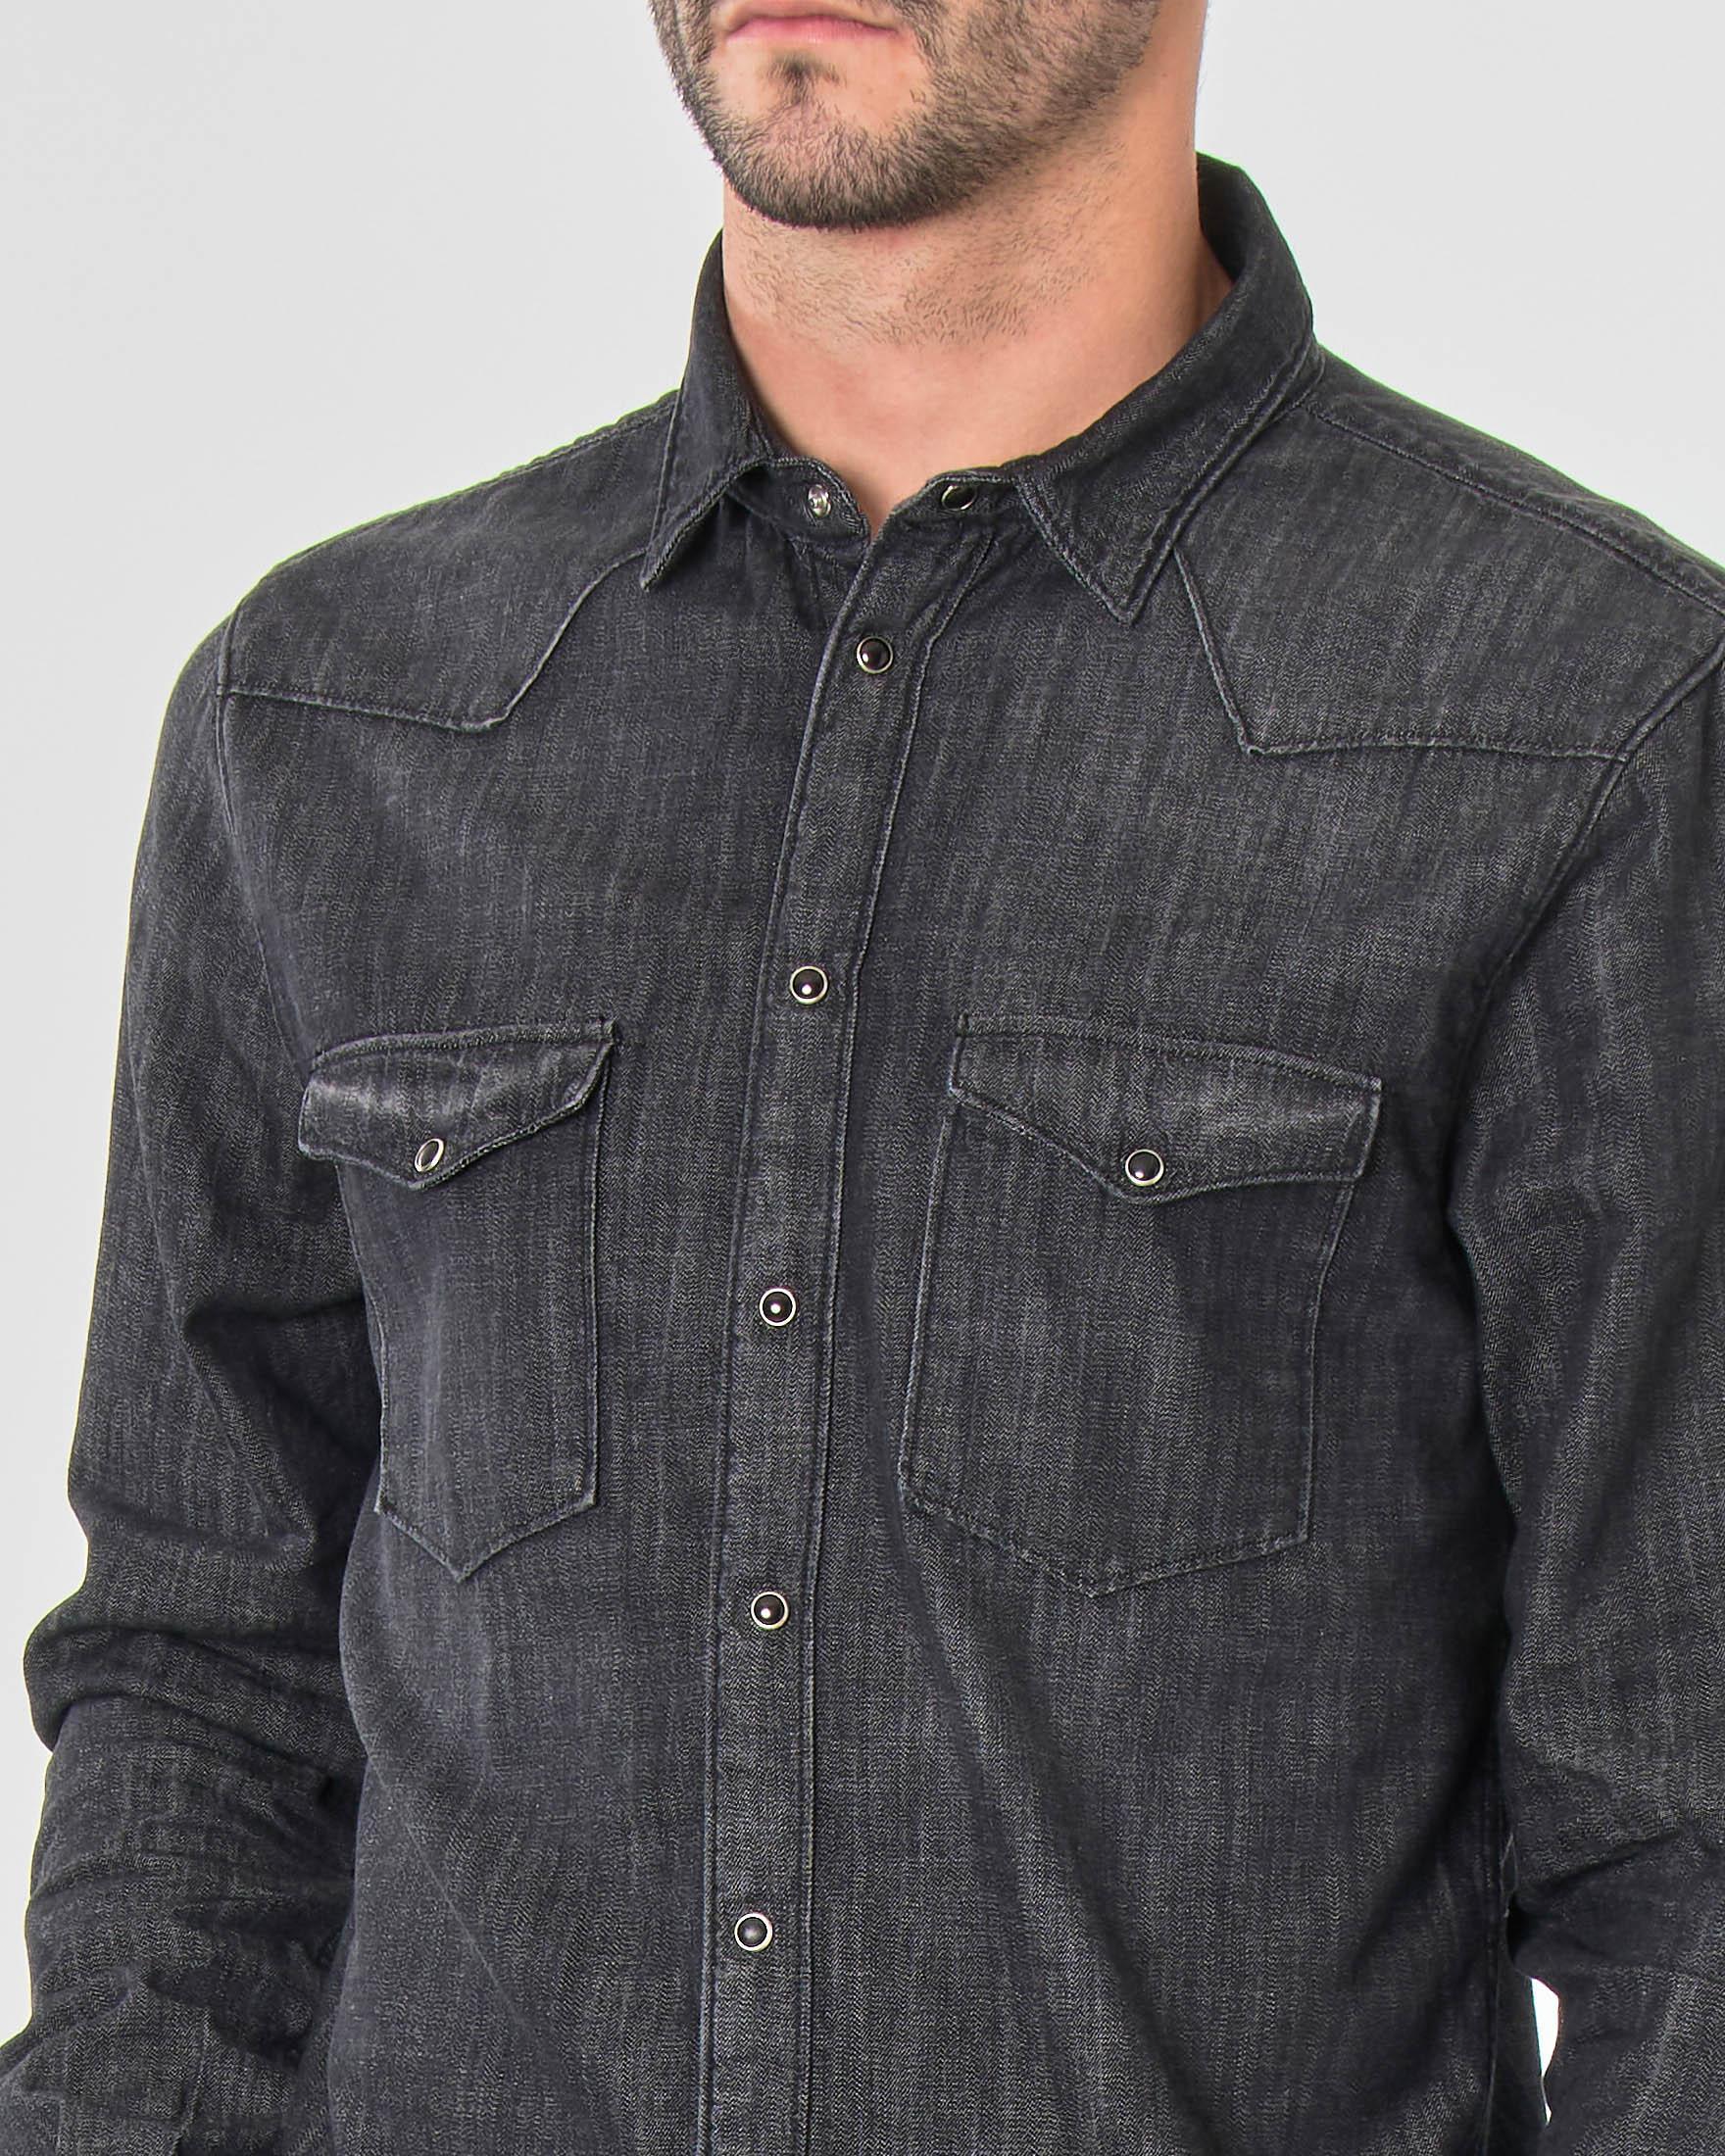 Camicia in denim nero stone washed modello western